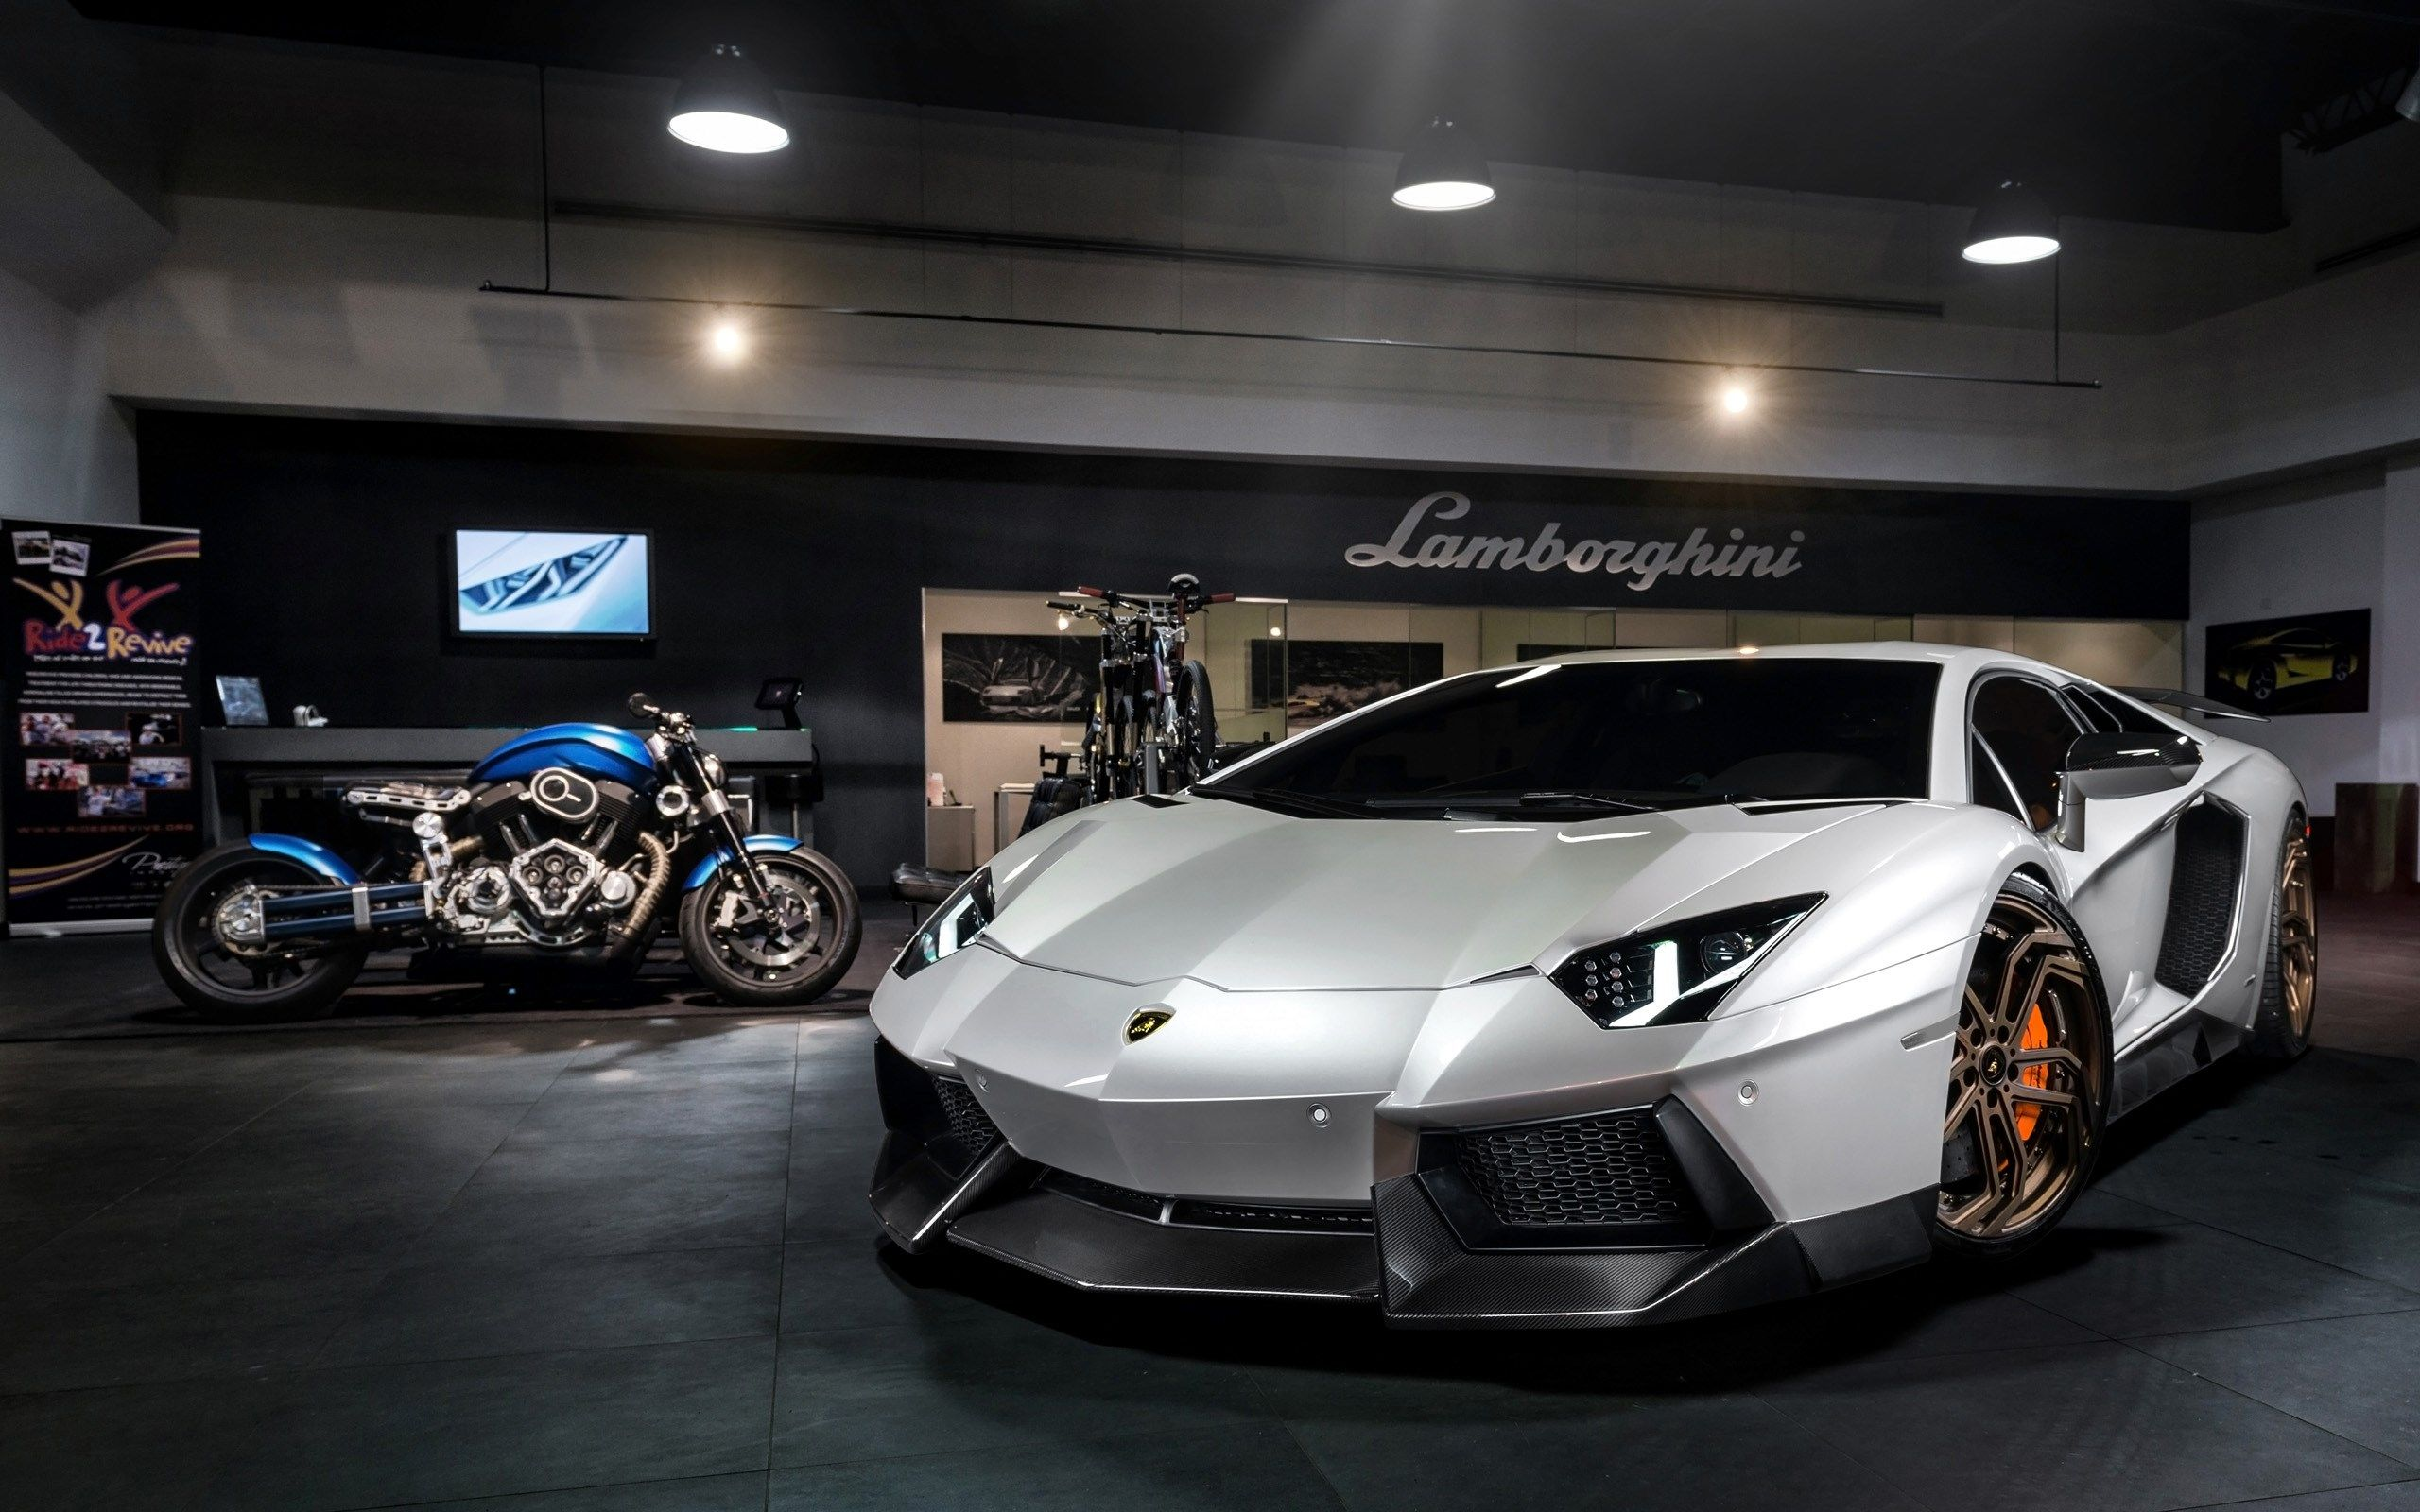 dsc tesla exclusive a x car model rental telsa seattle view rent lamborghini